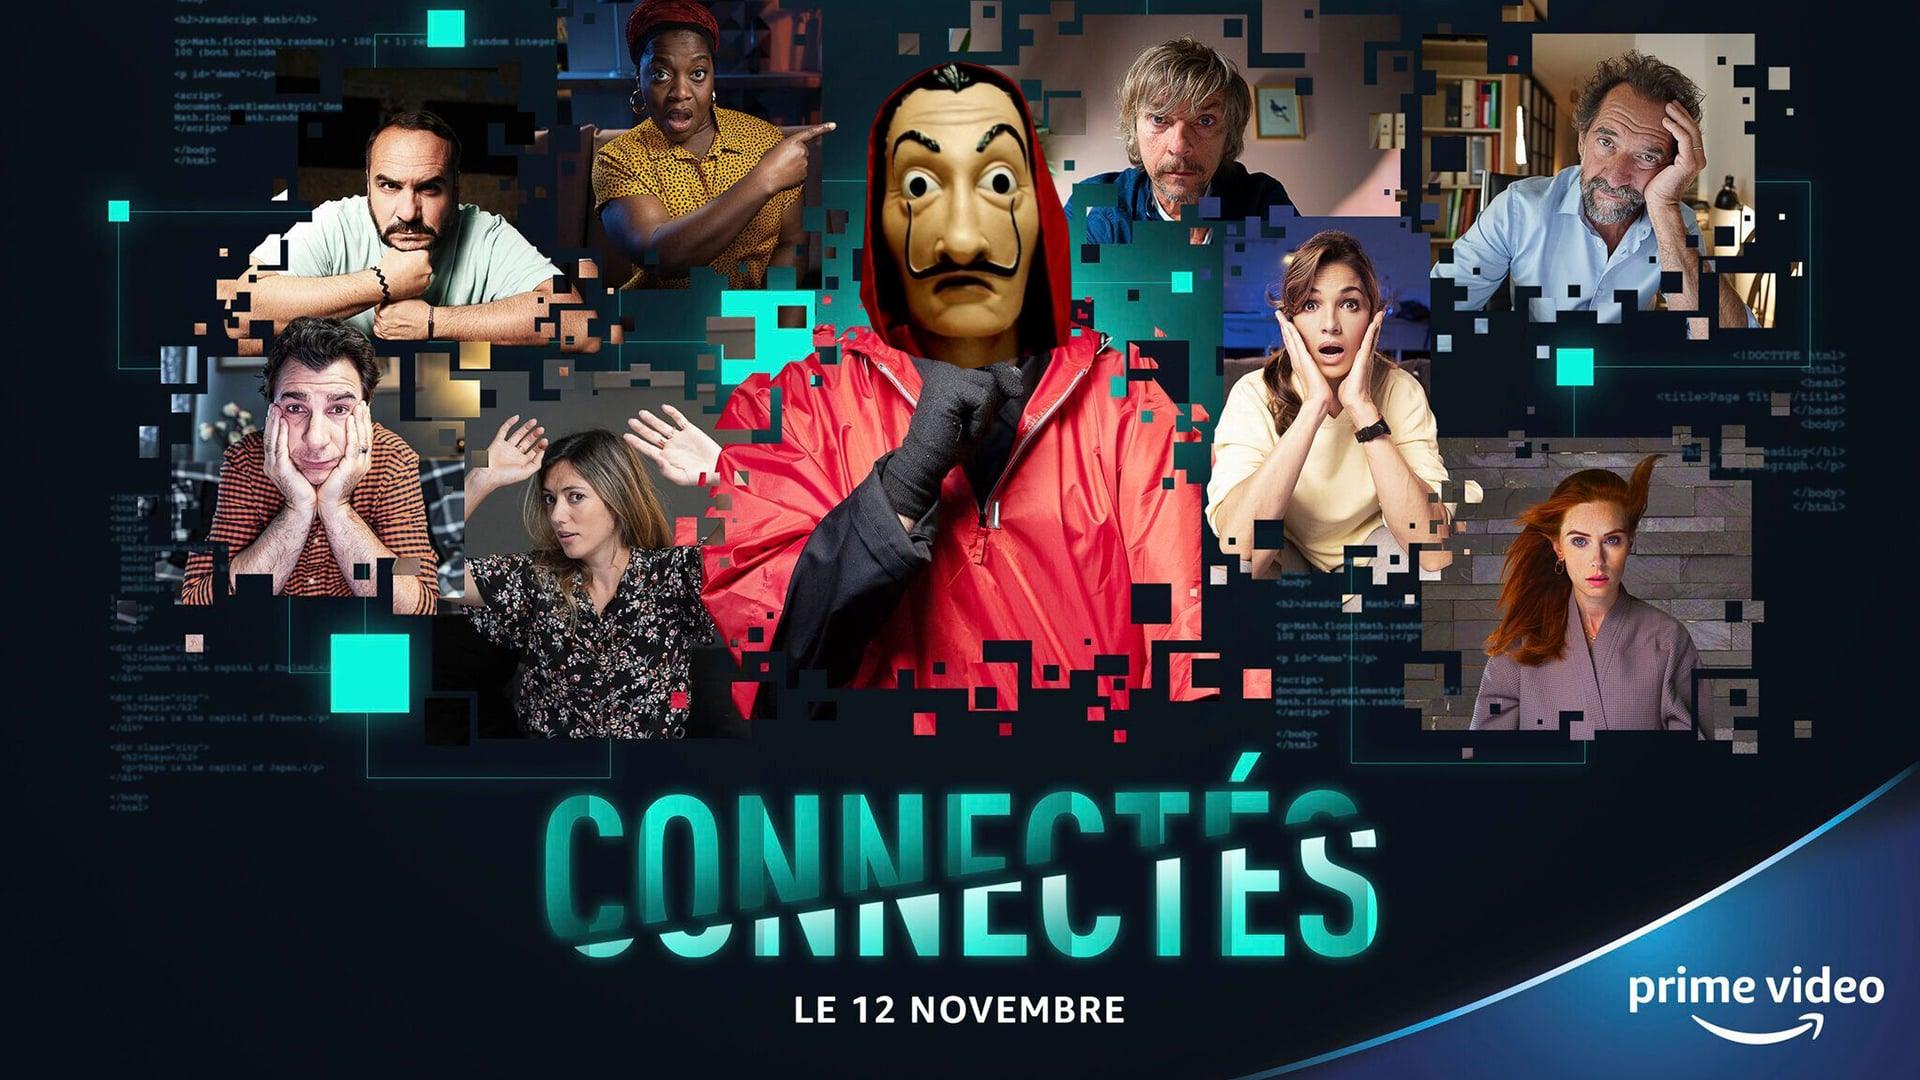 Connectés : un remake espagnol est en préparation avec des acteurs de la Casa de Papel - CinéSéries